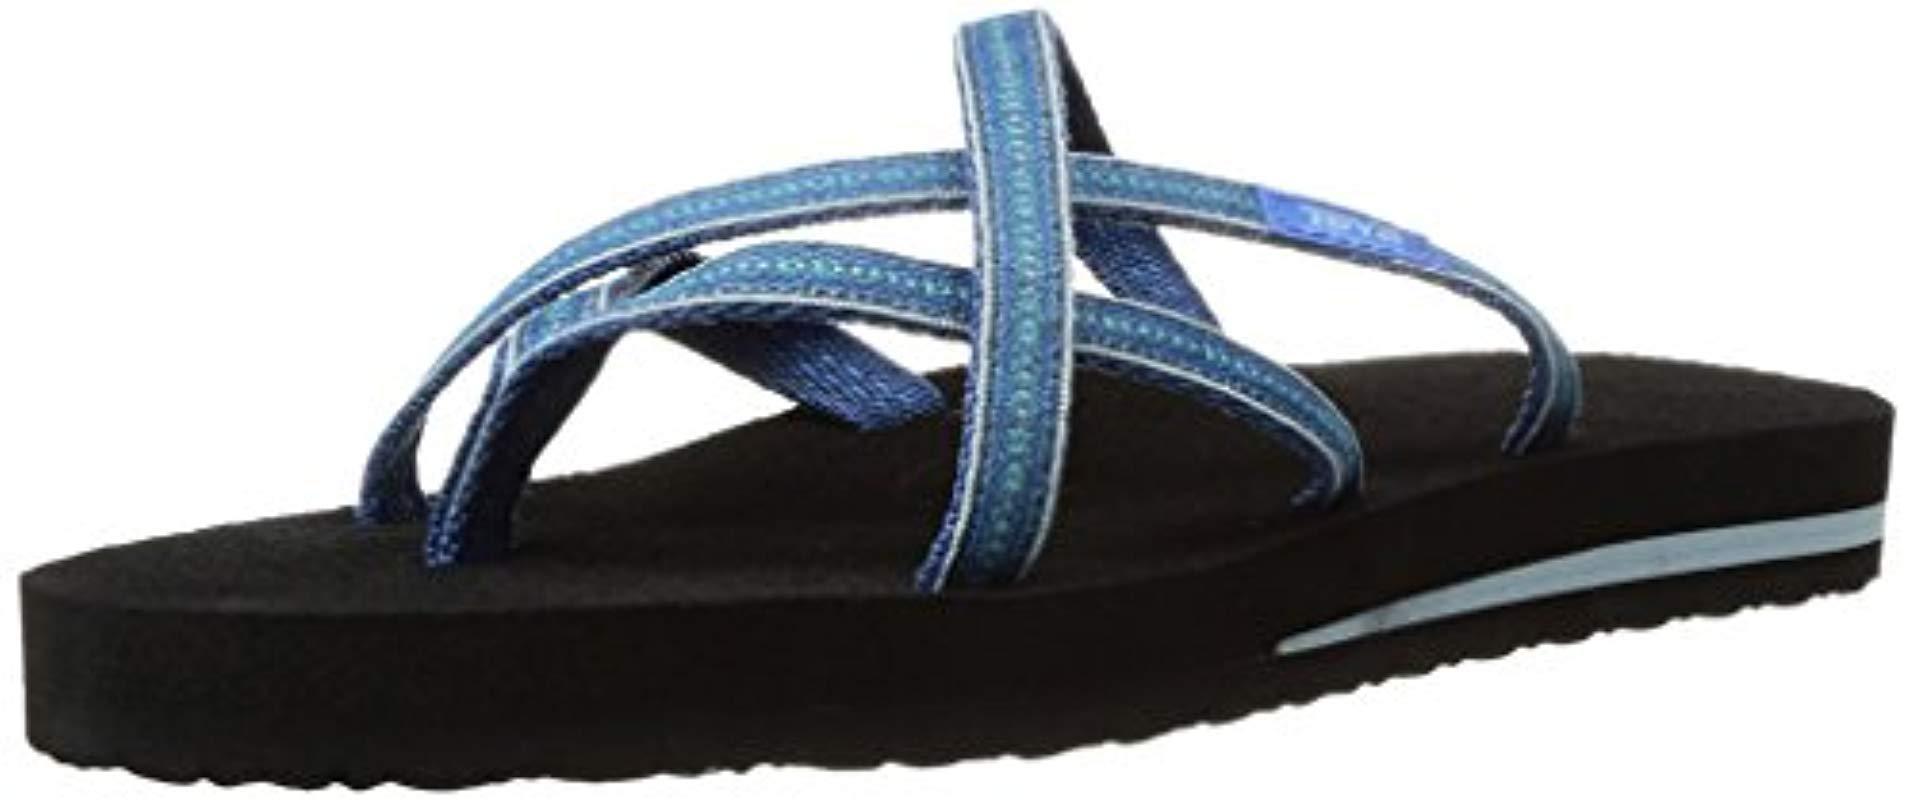 9dbf11ee7 Lyst - Teva Olowahu Flip-flop in Blue - Save 36%